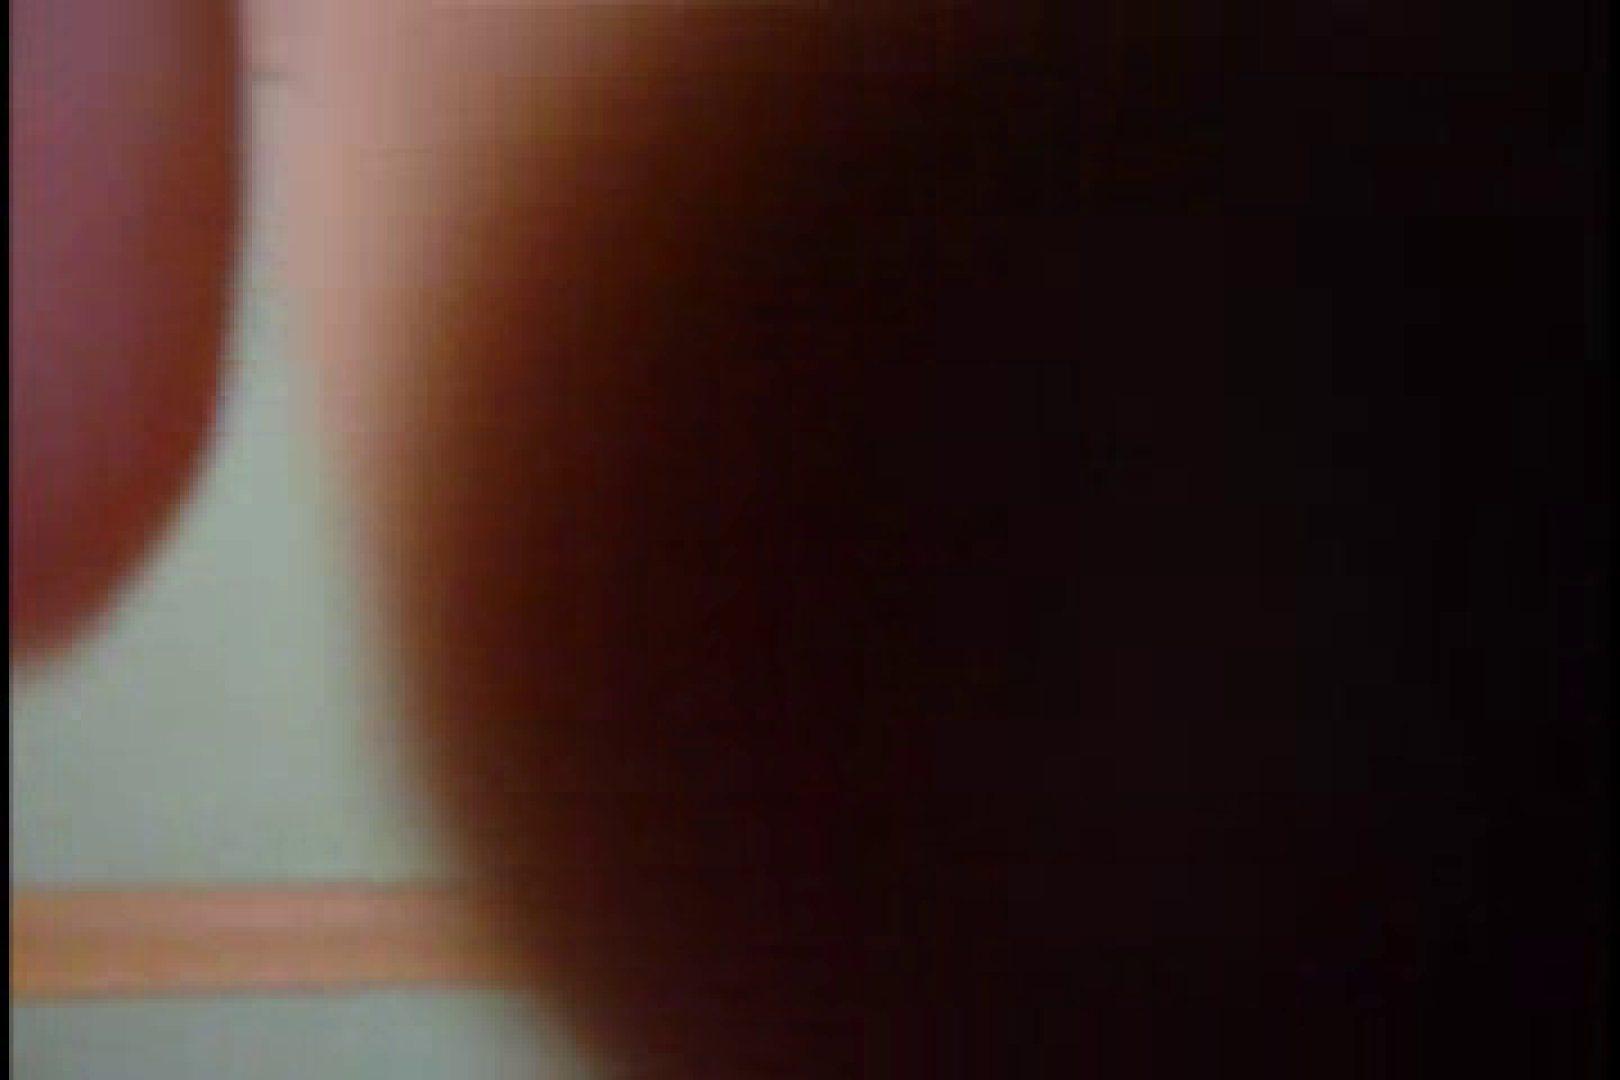 オナ好きノンケテニス部員の自画撮り投稿vol.10 射精  73pic 18